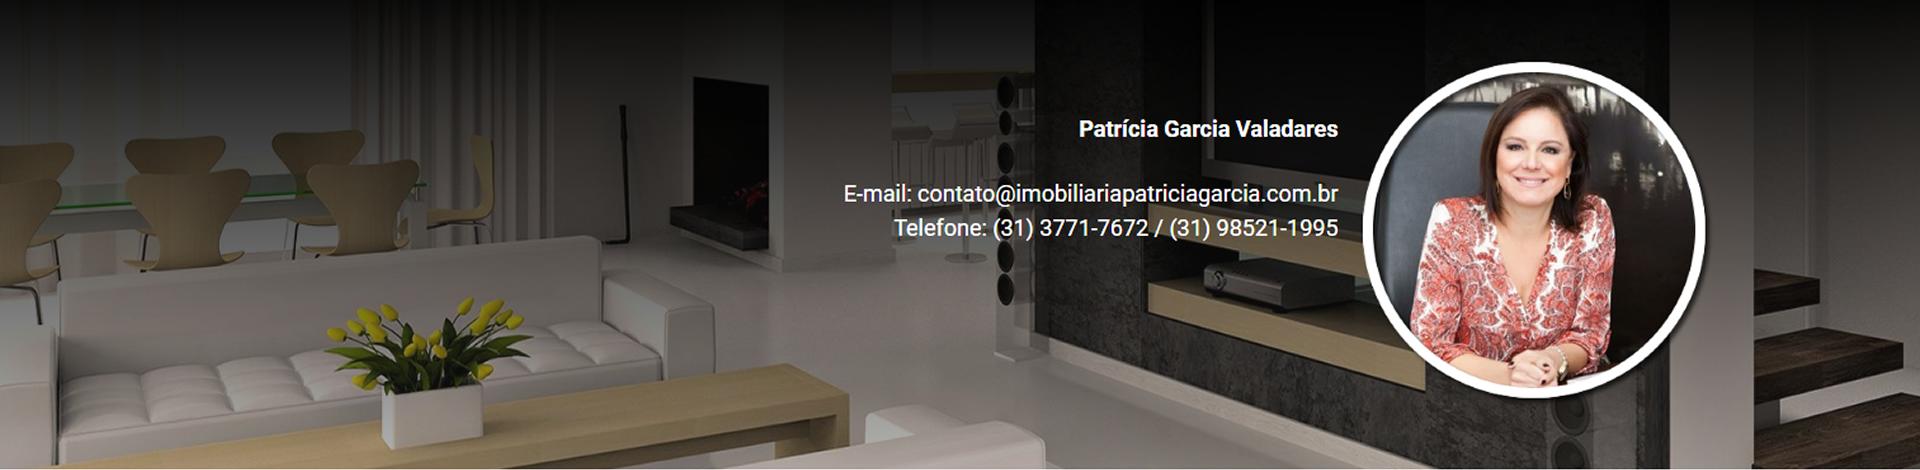 Imobiliária Patricia Garcia